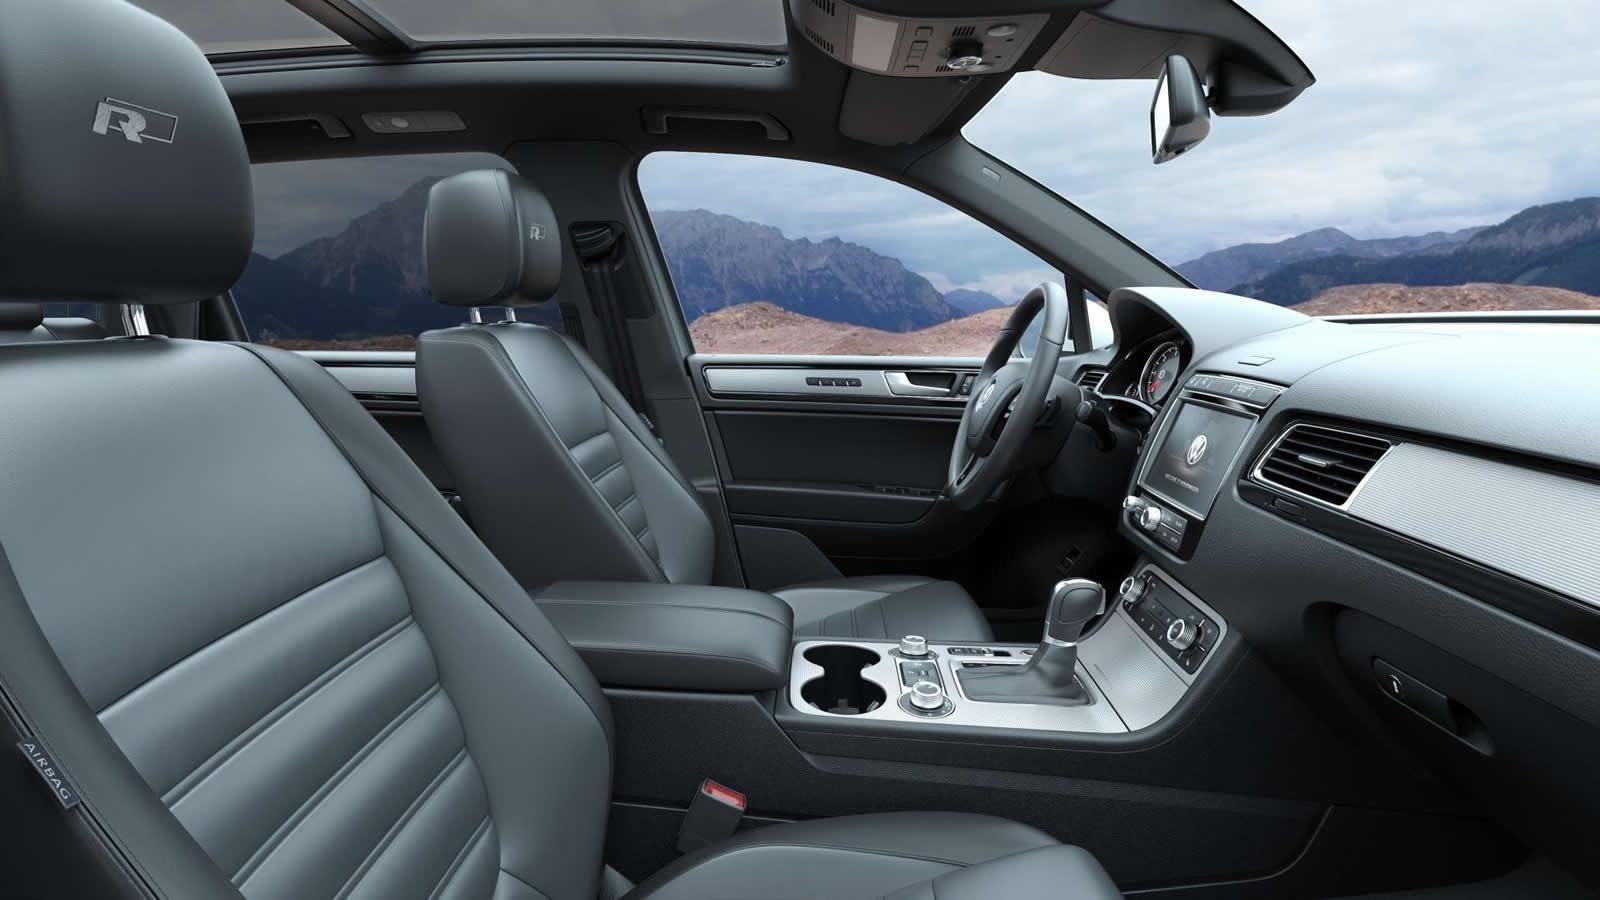 2015 volkswagen touareg 2 Volkswagen, Automobile, Vehicles